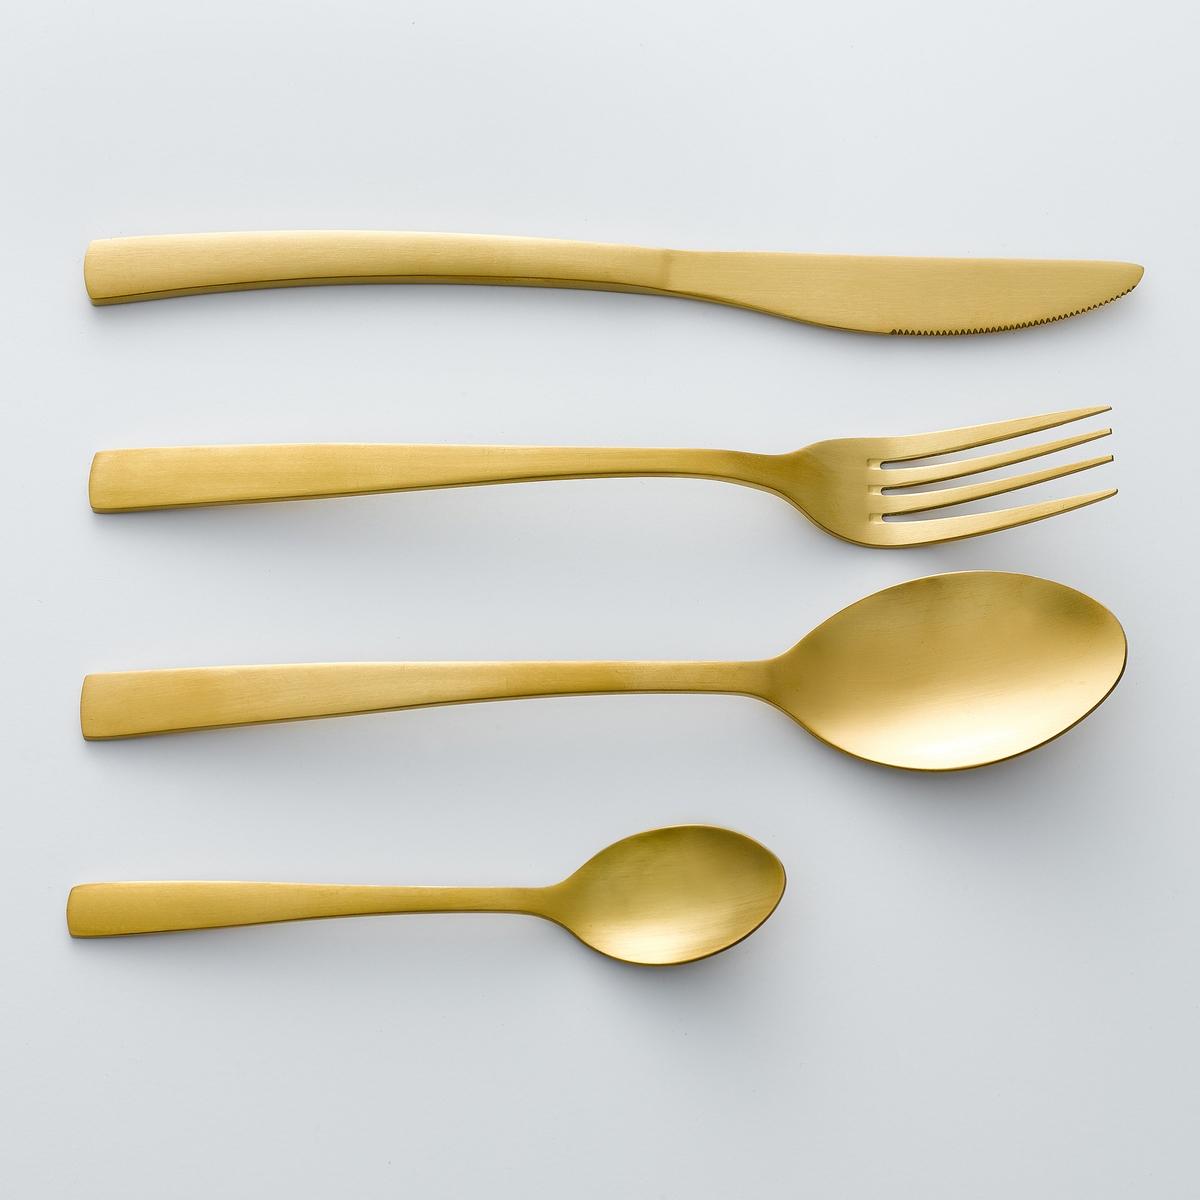 4 ножа из нерж.стали золотистого цвета, Auberie